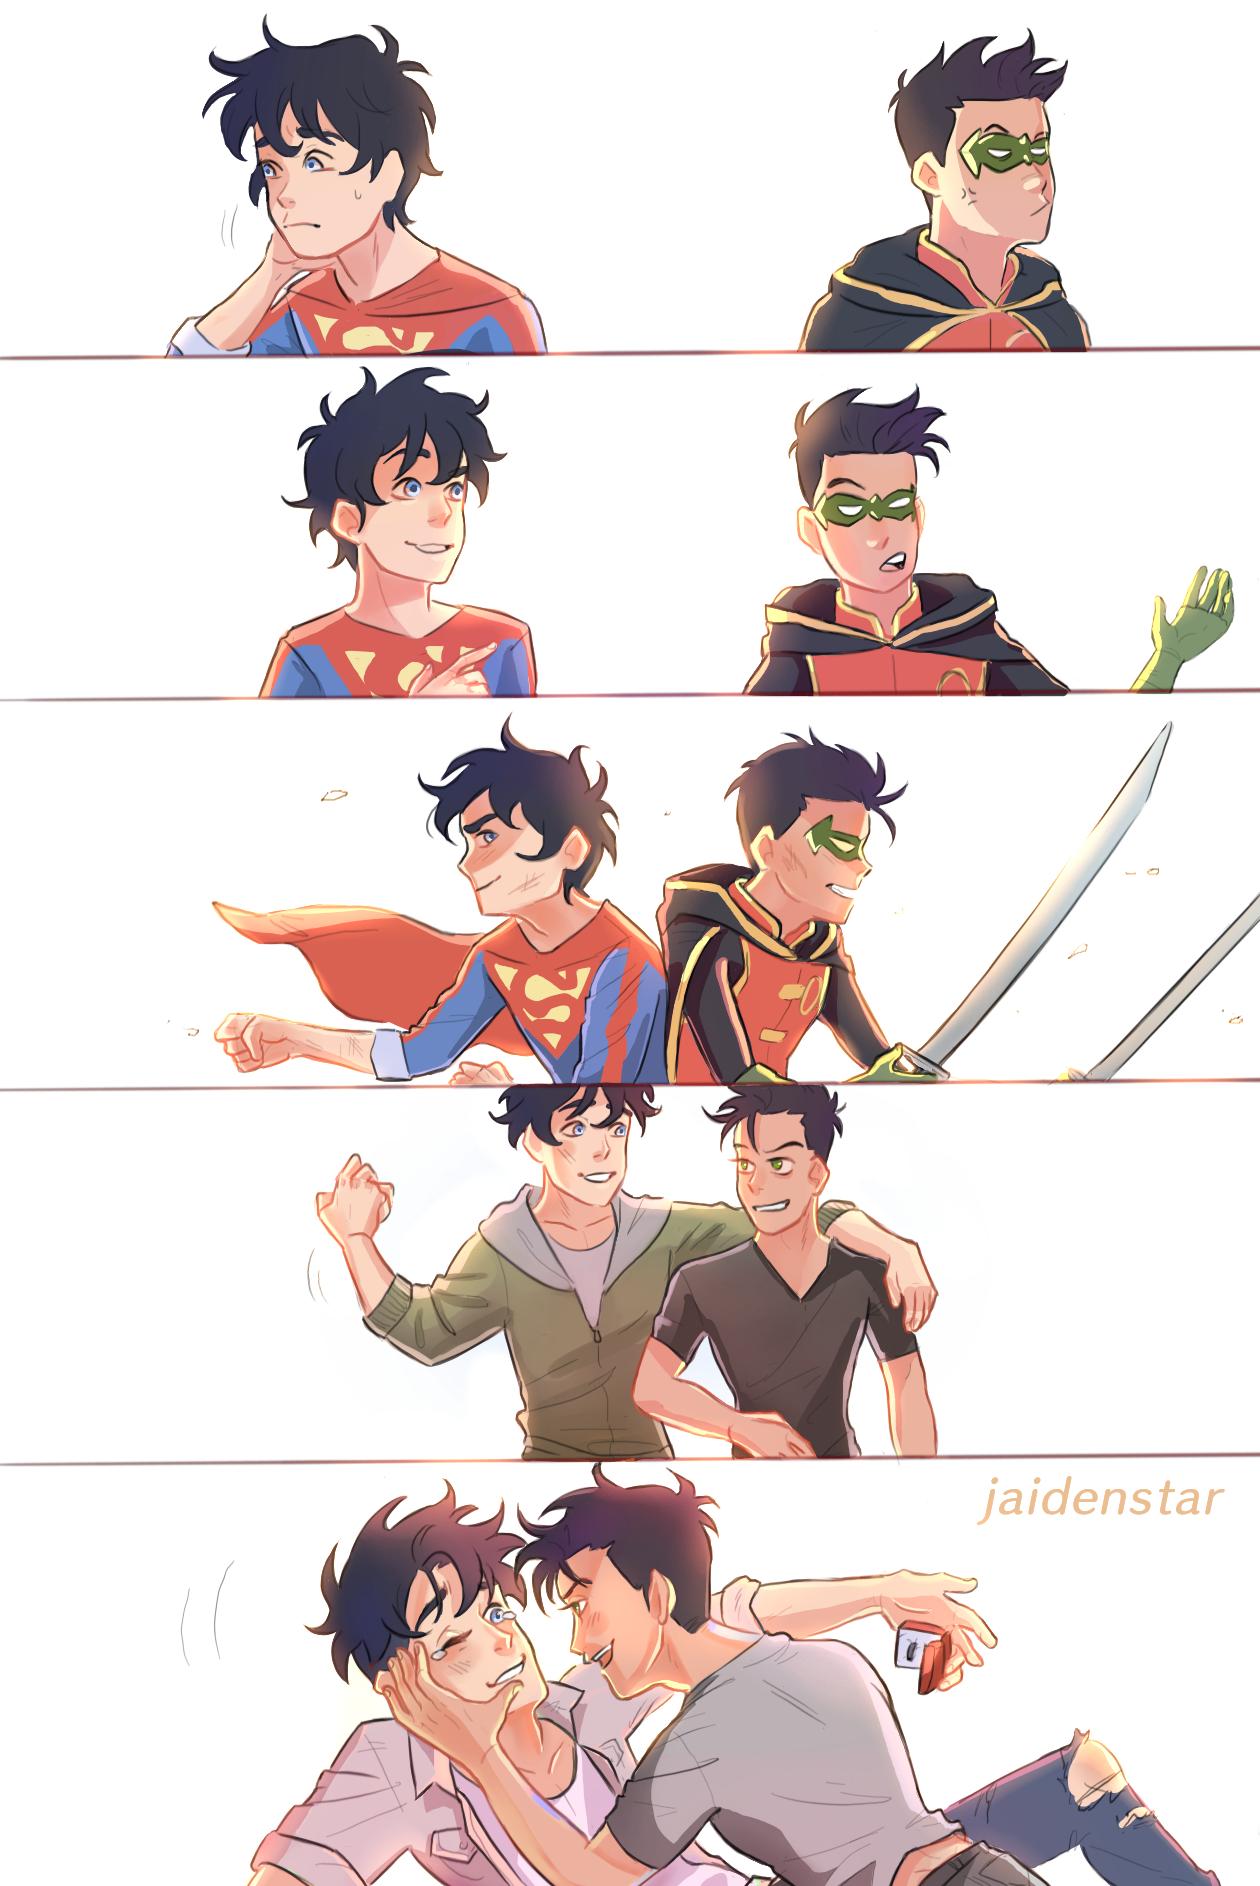 jondami | Tumblr | sυρεявαт & sυρεяsσηs | Batman, superman, Superman